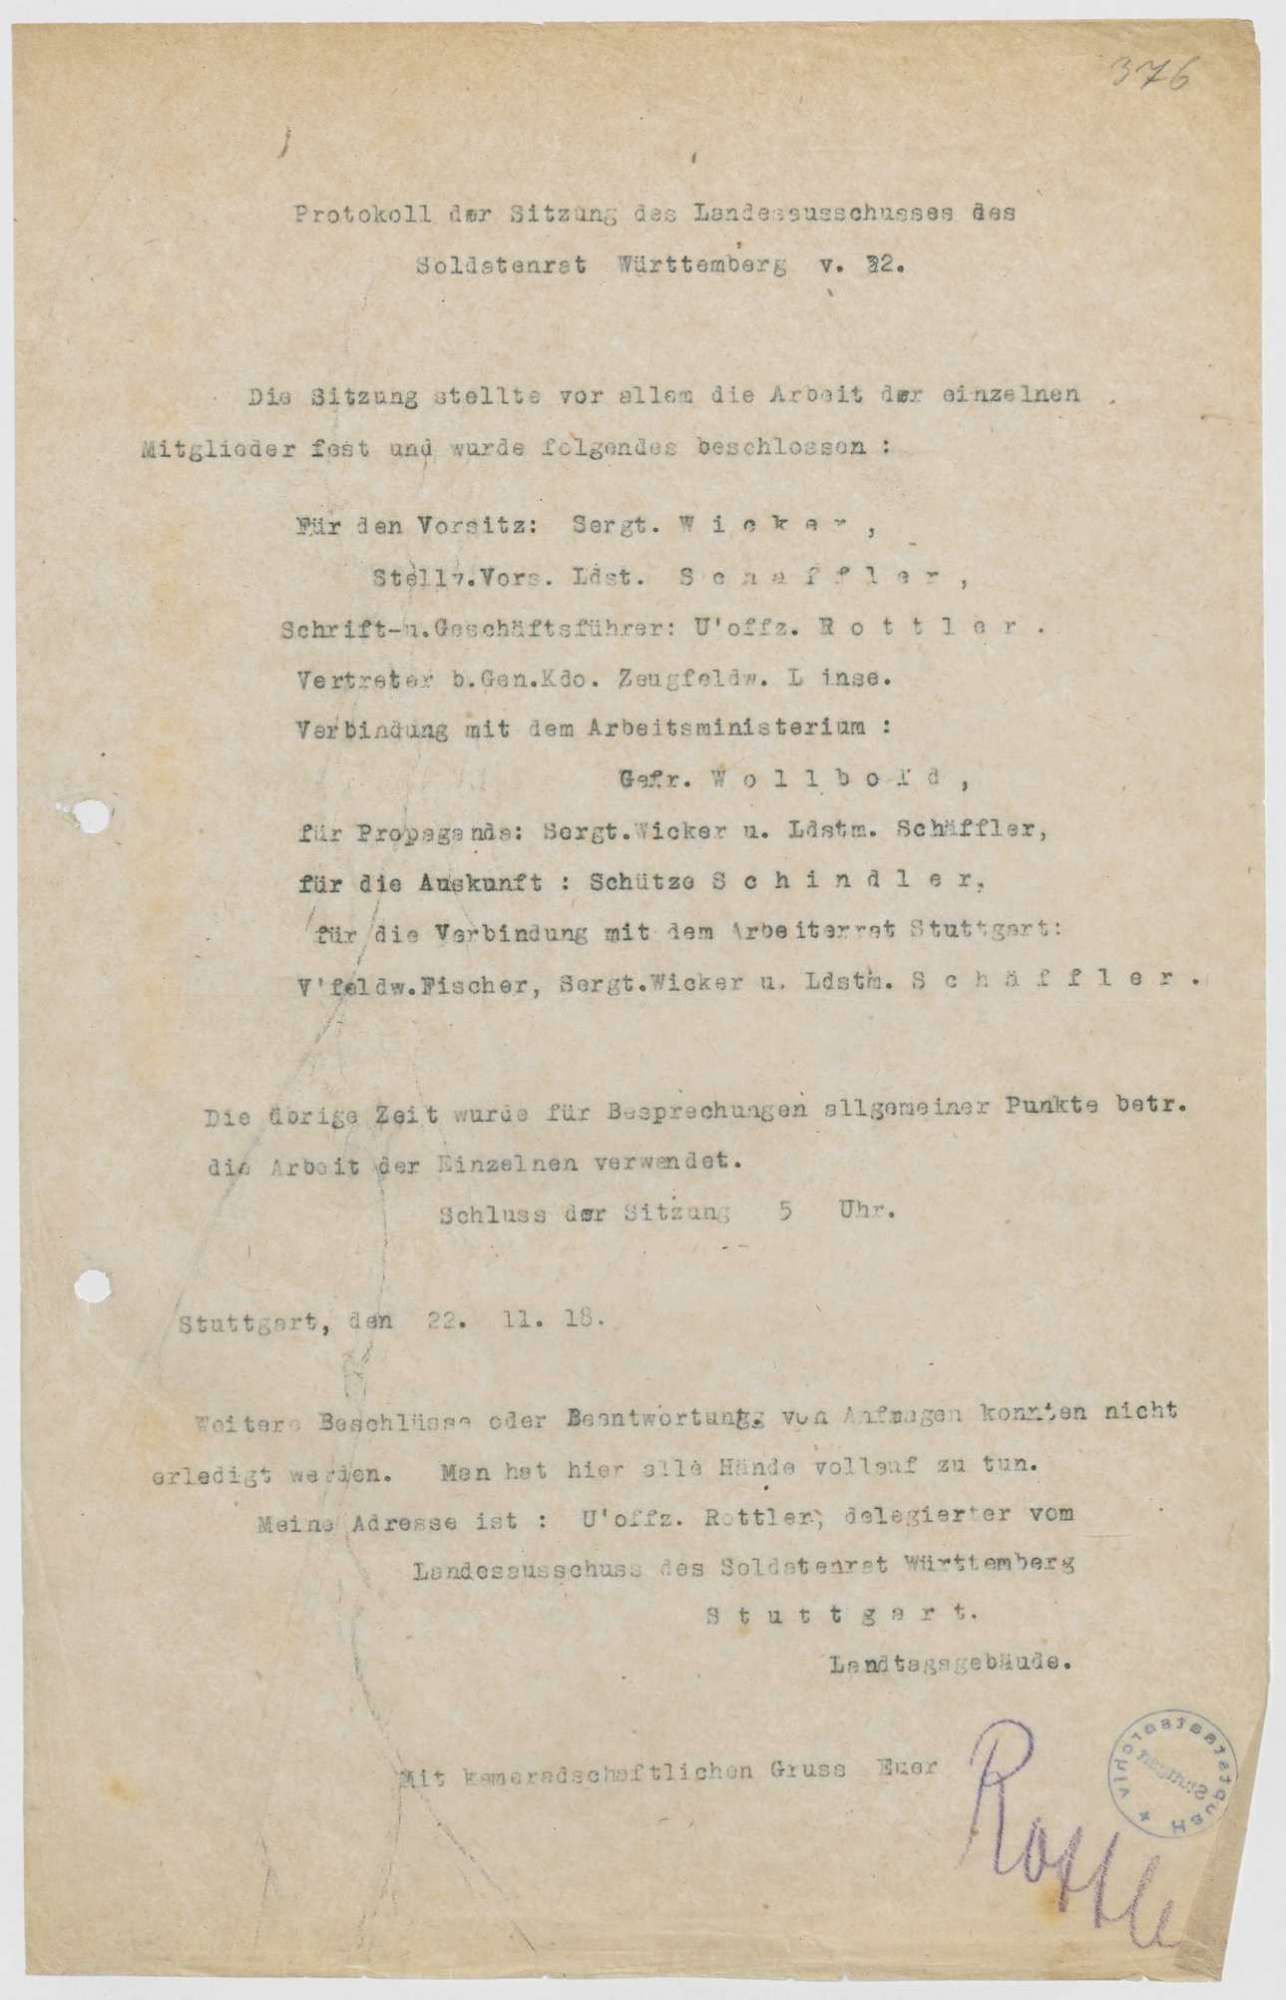 Zusammensetzung und Geschäftsverteilung des Landesausschusses, Vorschlag mehrerer Garnisonen zur Erweiterung des Landesausschusses, Bild 1